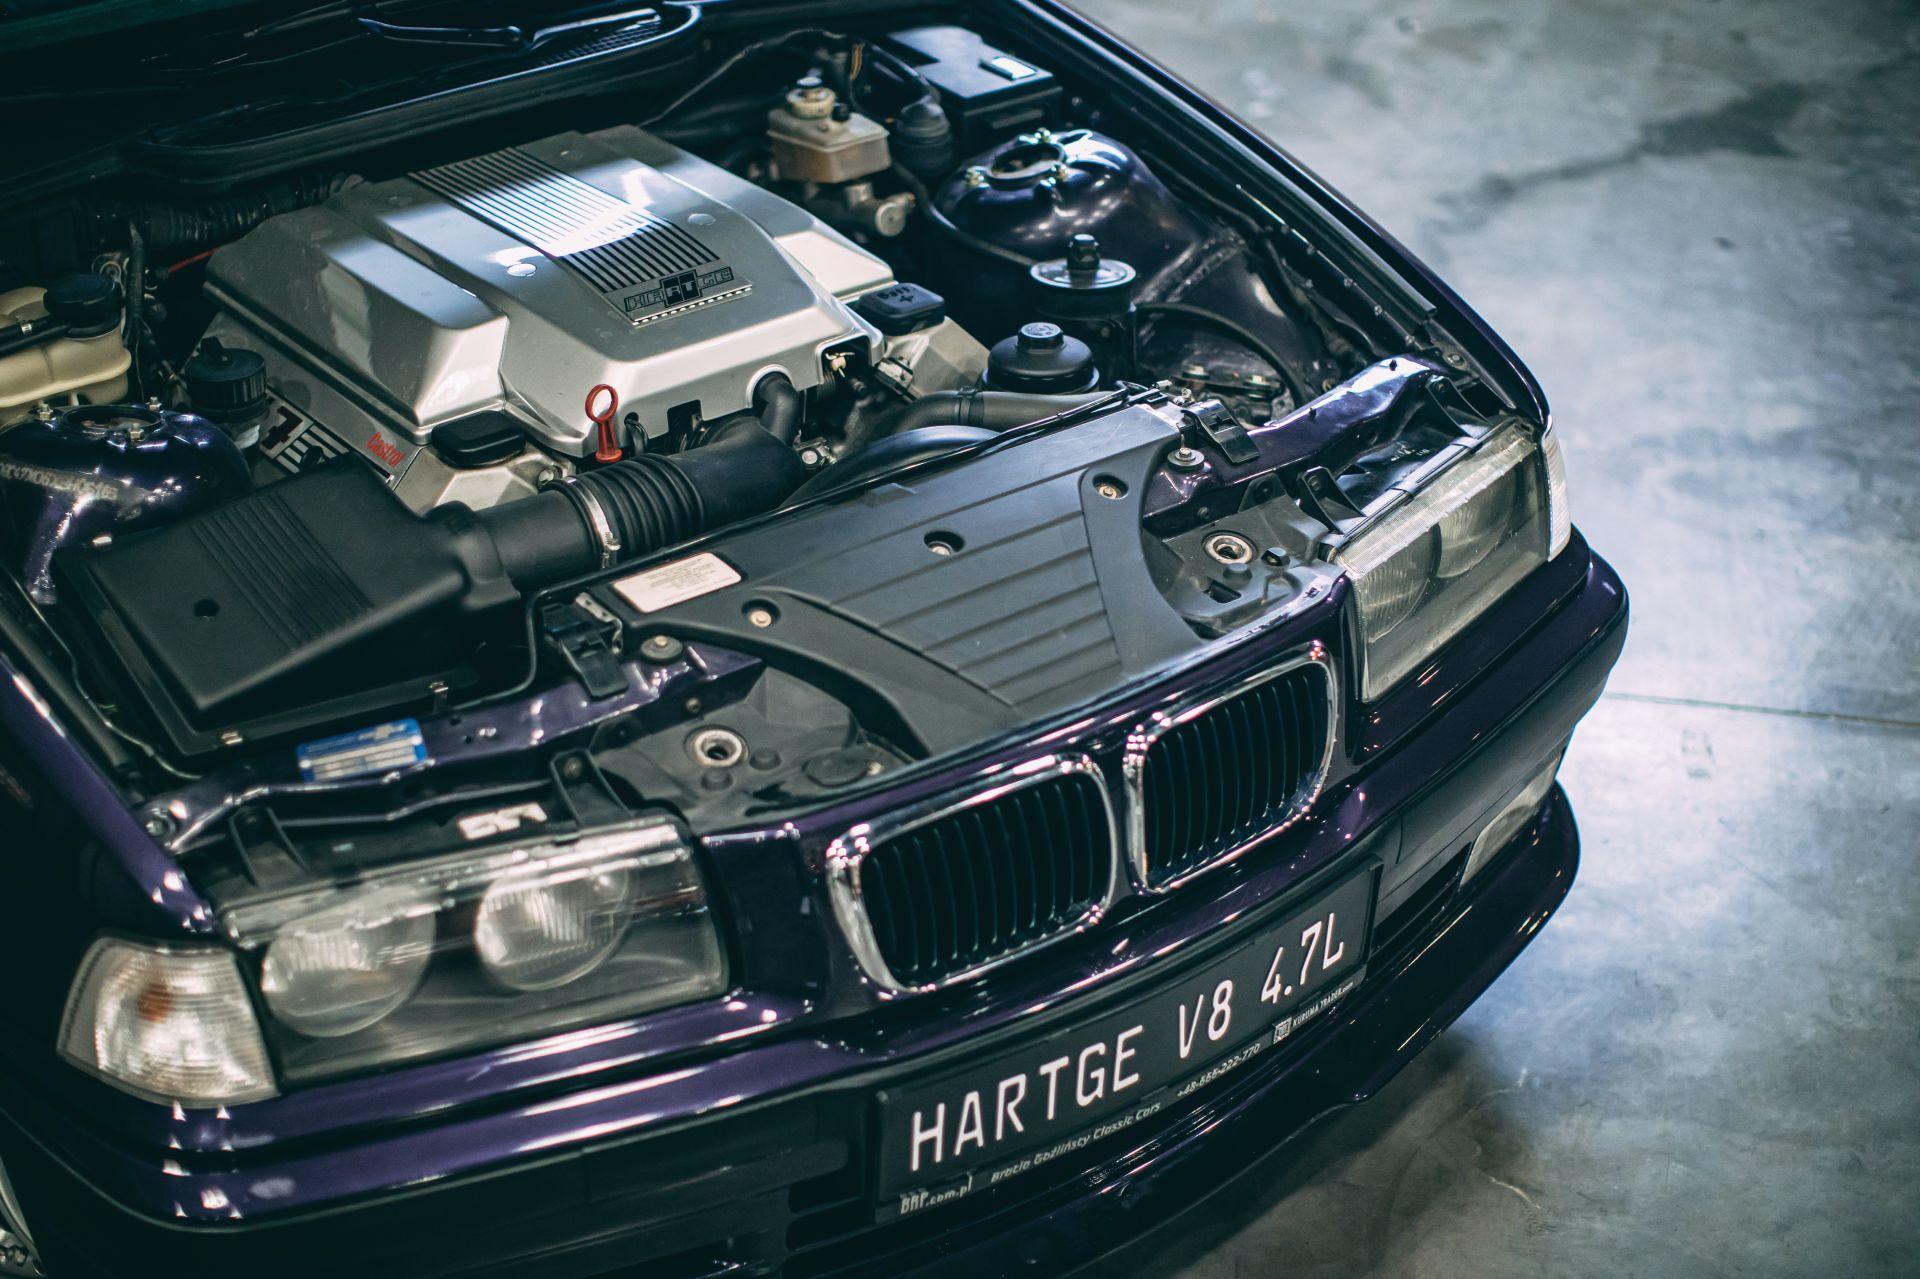 Hartge Compact V8 4.7